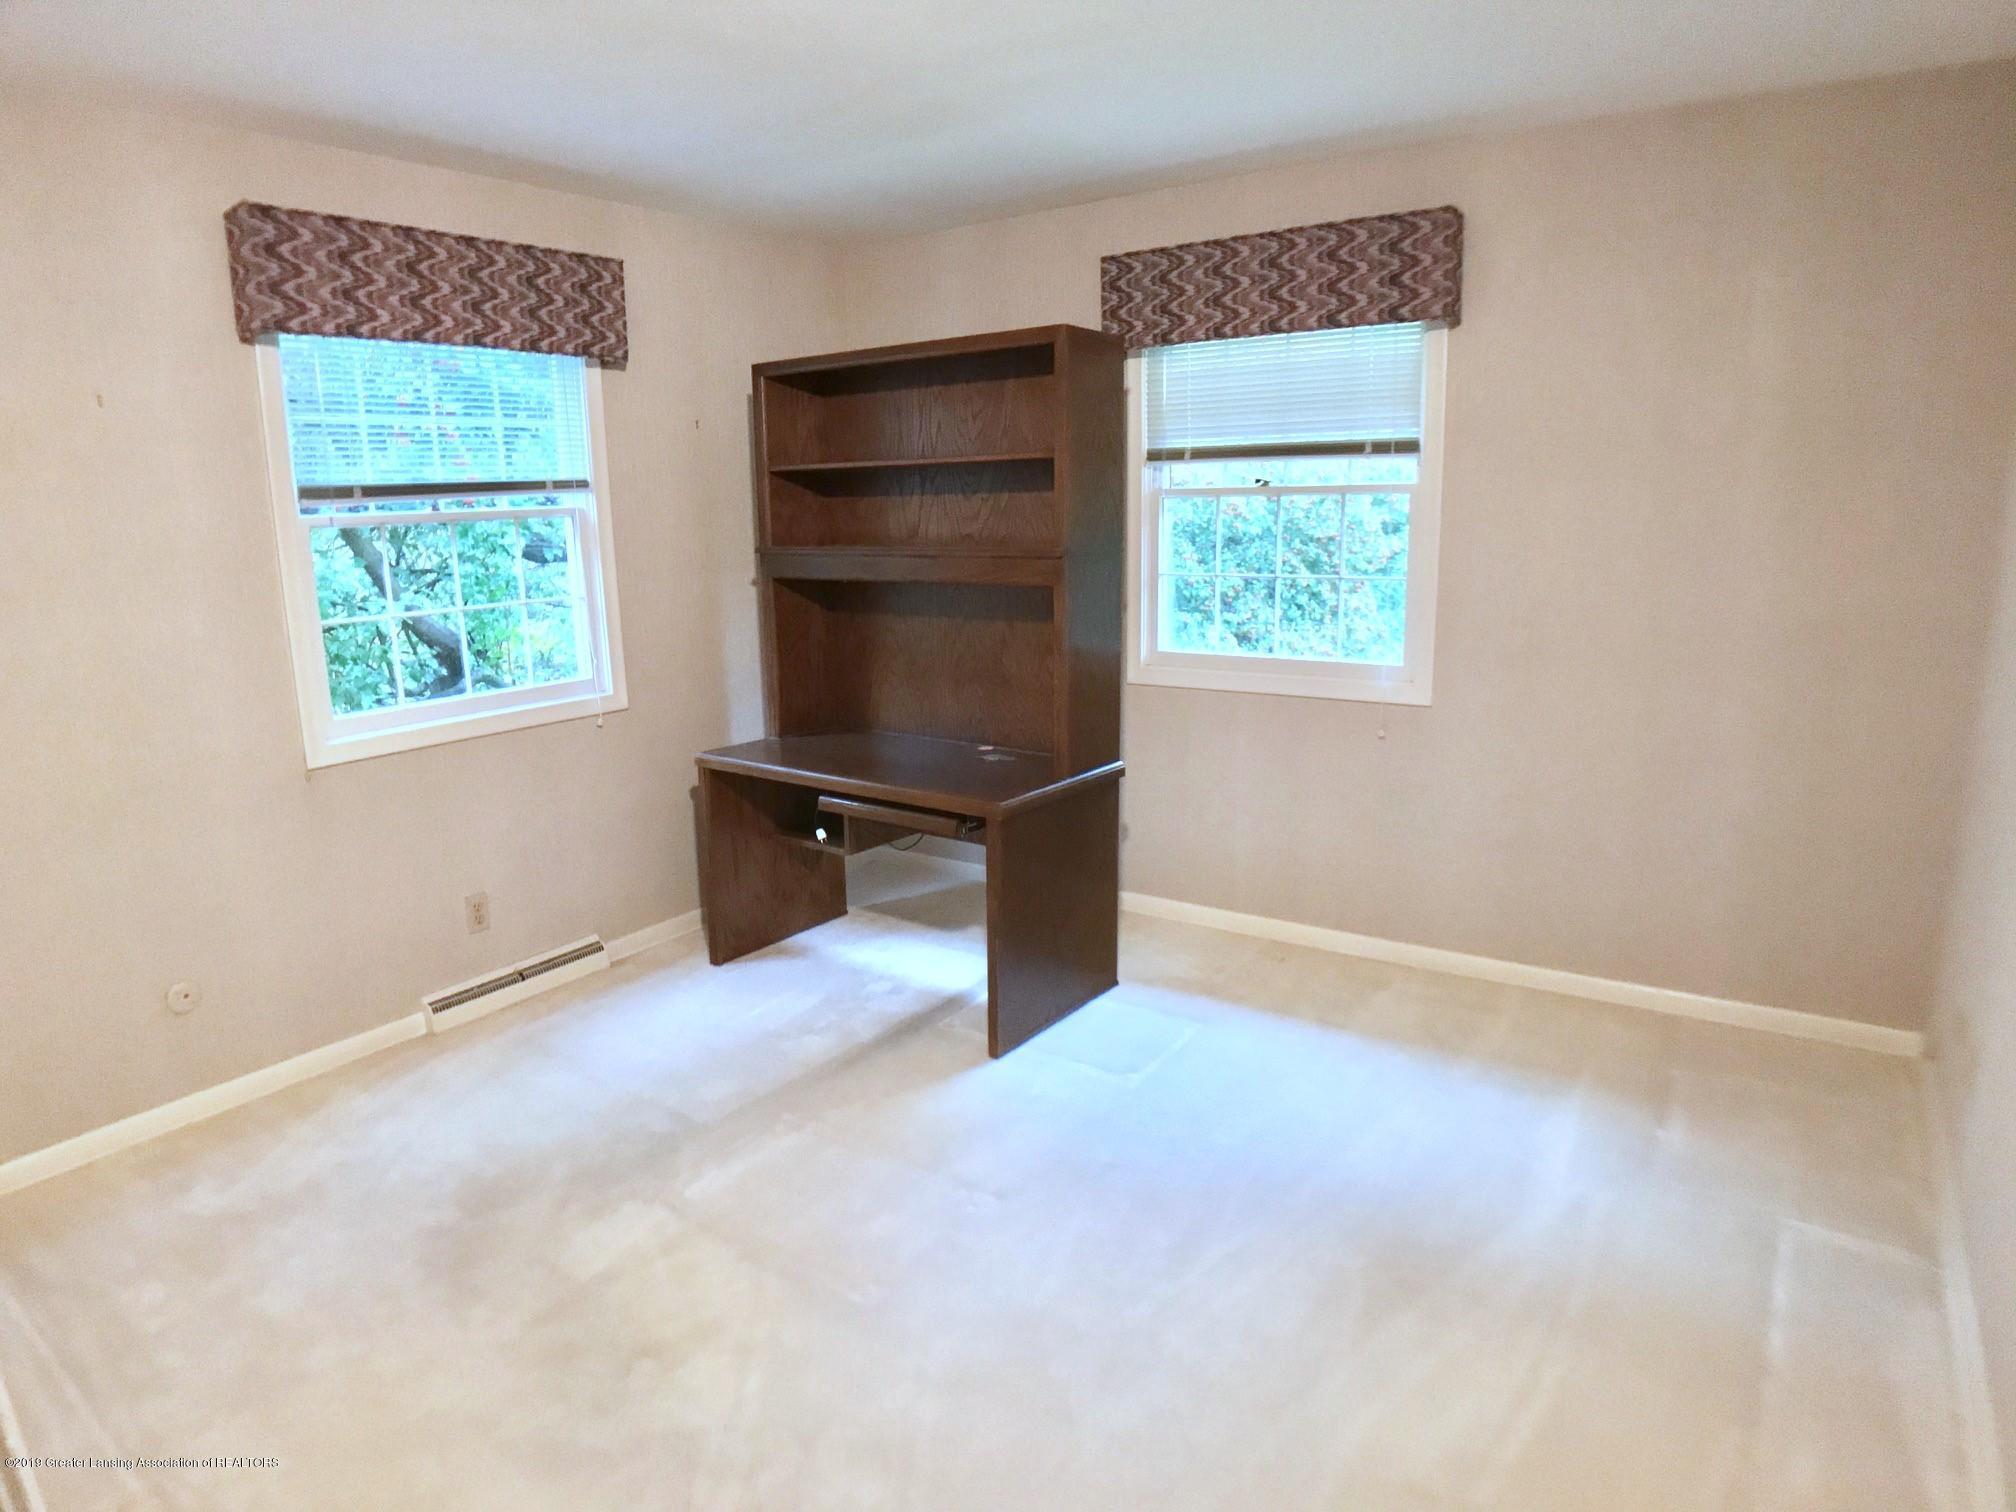 1854 Penobscot Dr - Bedroom 2 - 19